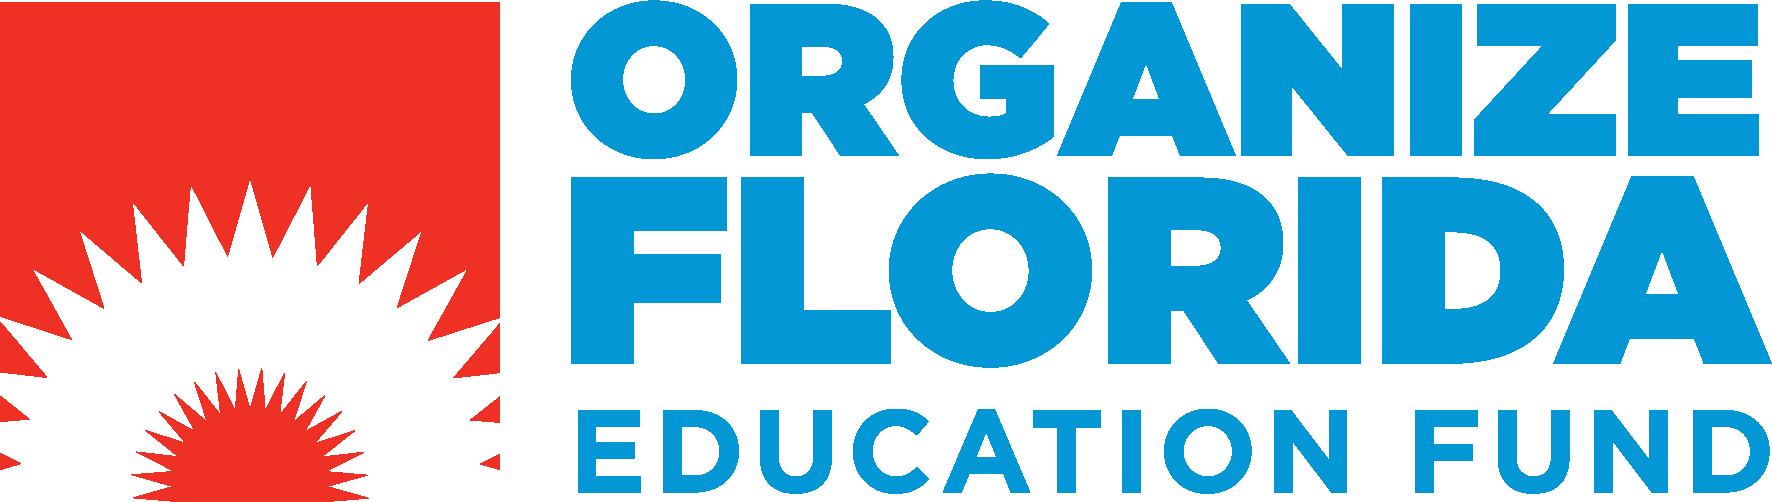 OFEF horiz logo FINAL